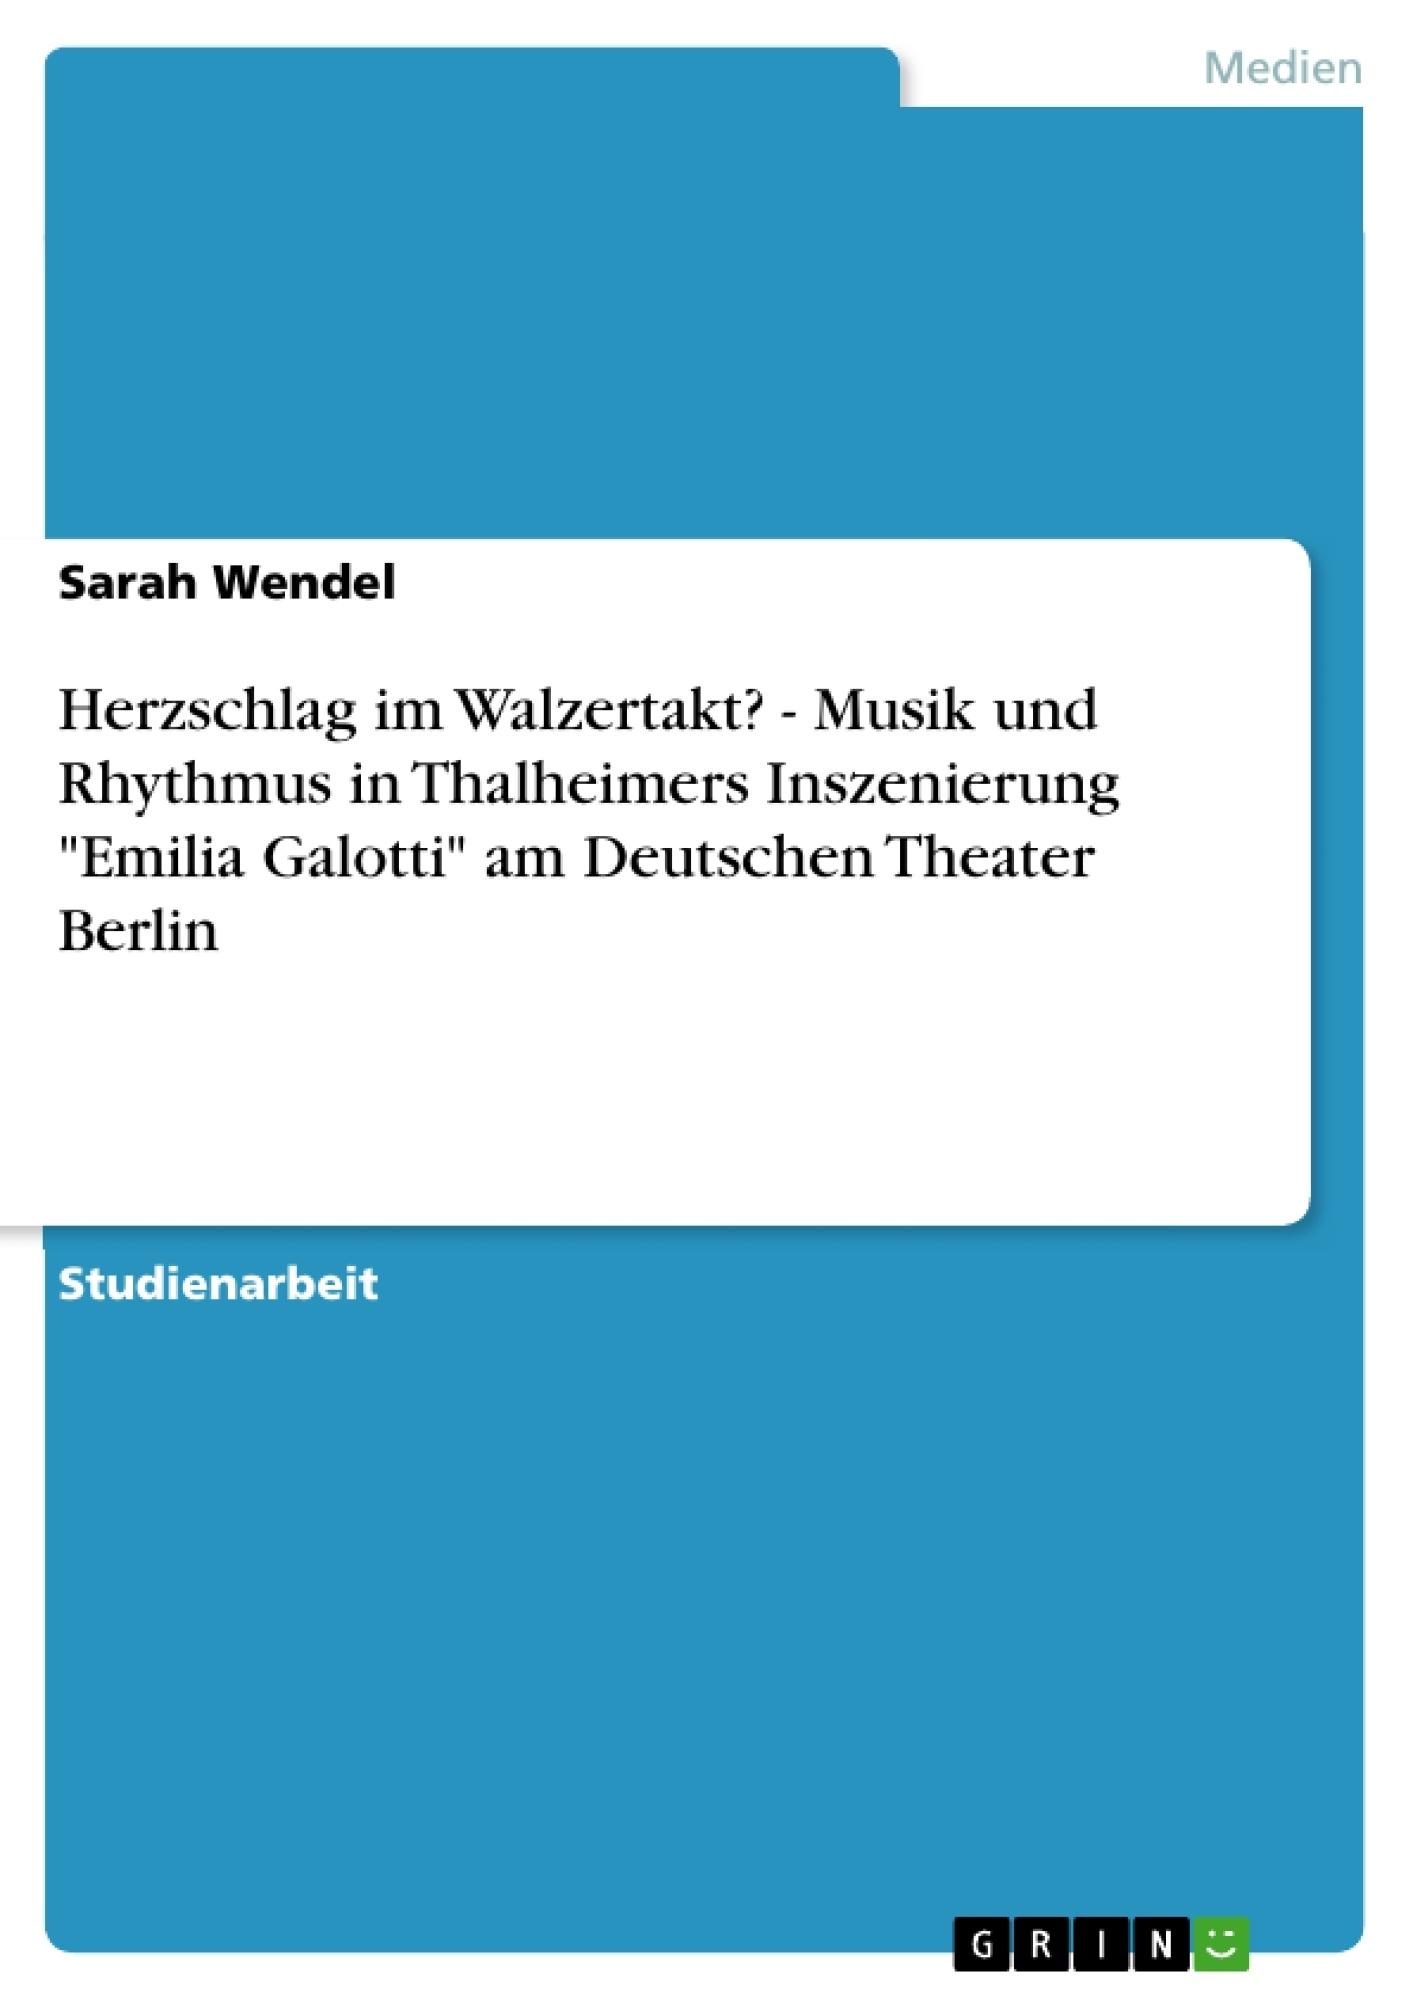 """Titel: Herzschlag im Walzertakt? - Musik und Rhythmus in Thalheimers Inszenierung """"Emilia Galotti"""" am Deutschen Theater Berlin"""